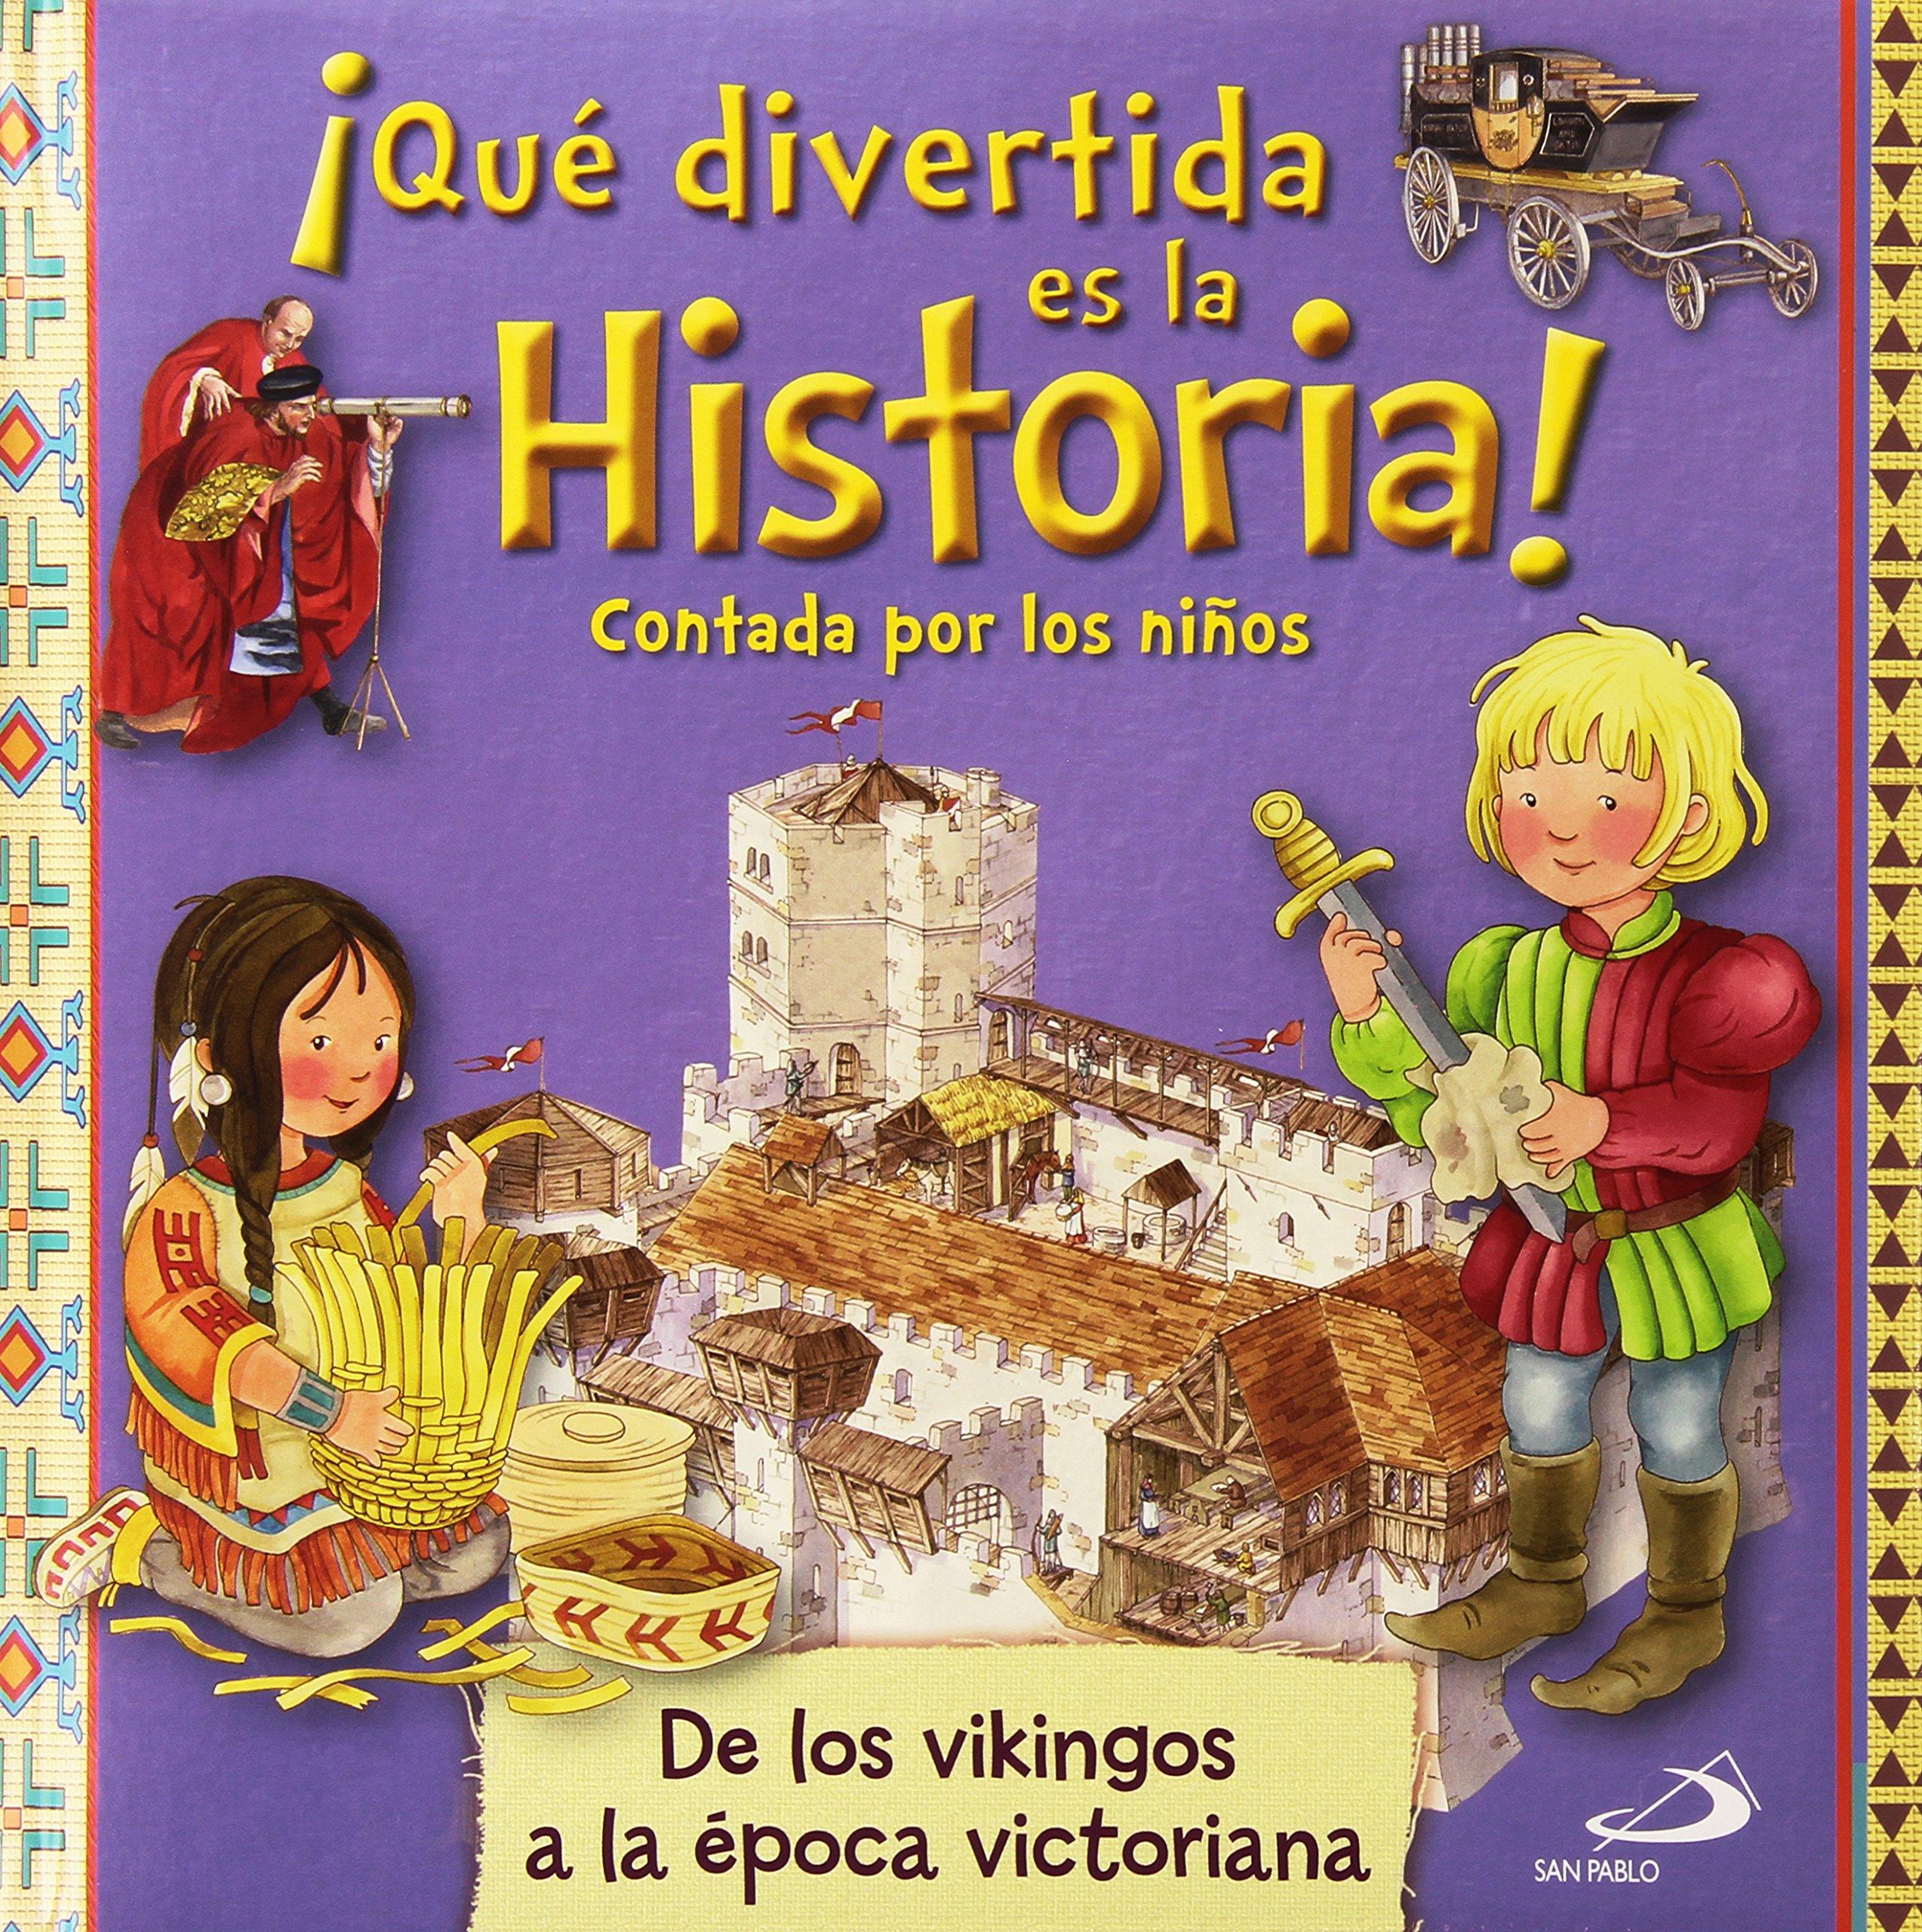 Qué divertida es la historia! contada por los niños: De los vikingos a la época victoriana Infantil general: Amazon.es: Barsotti, Eleonora, Barsotti, Eleonora, Greggio, Elena: Libros